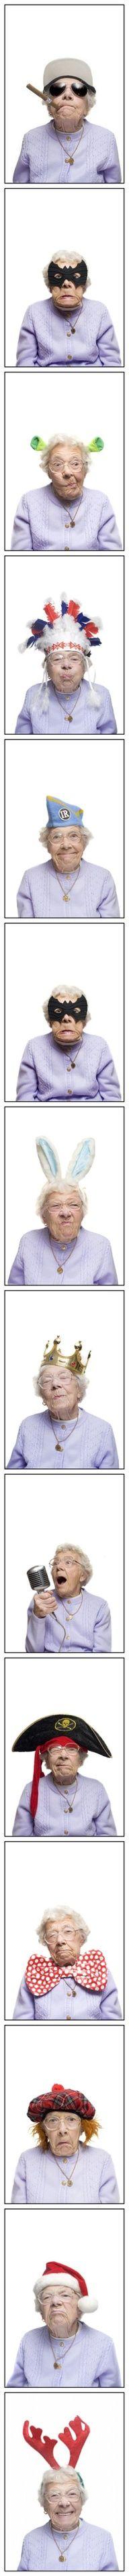 la abuela moderna jajajaj